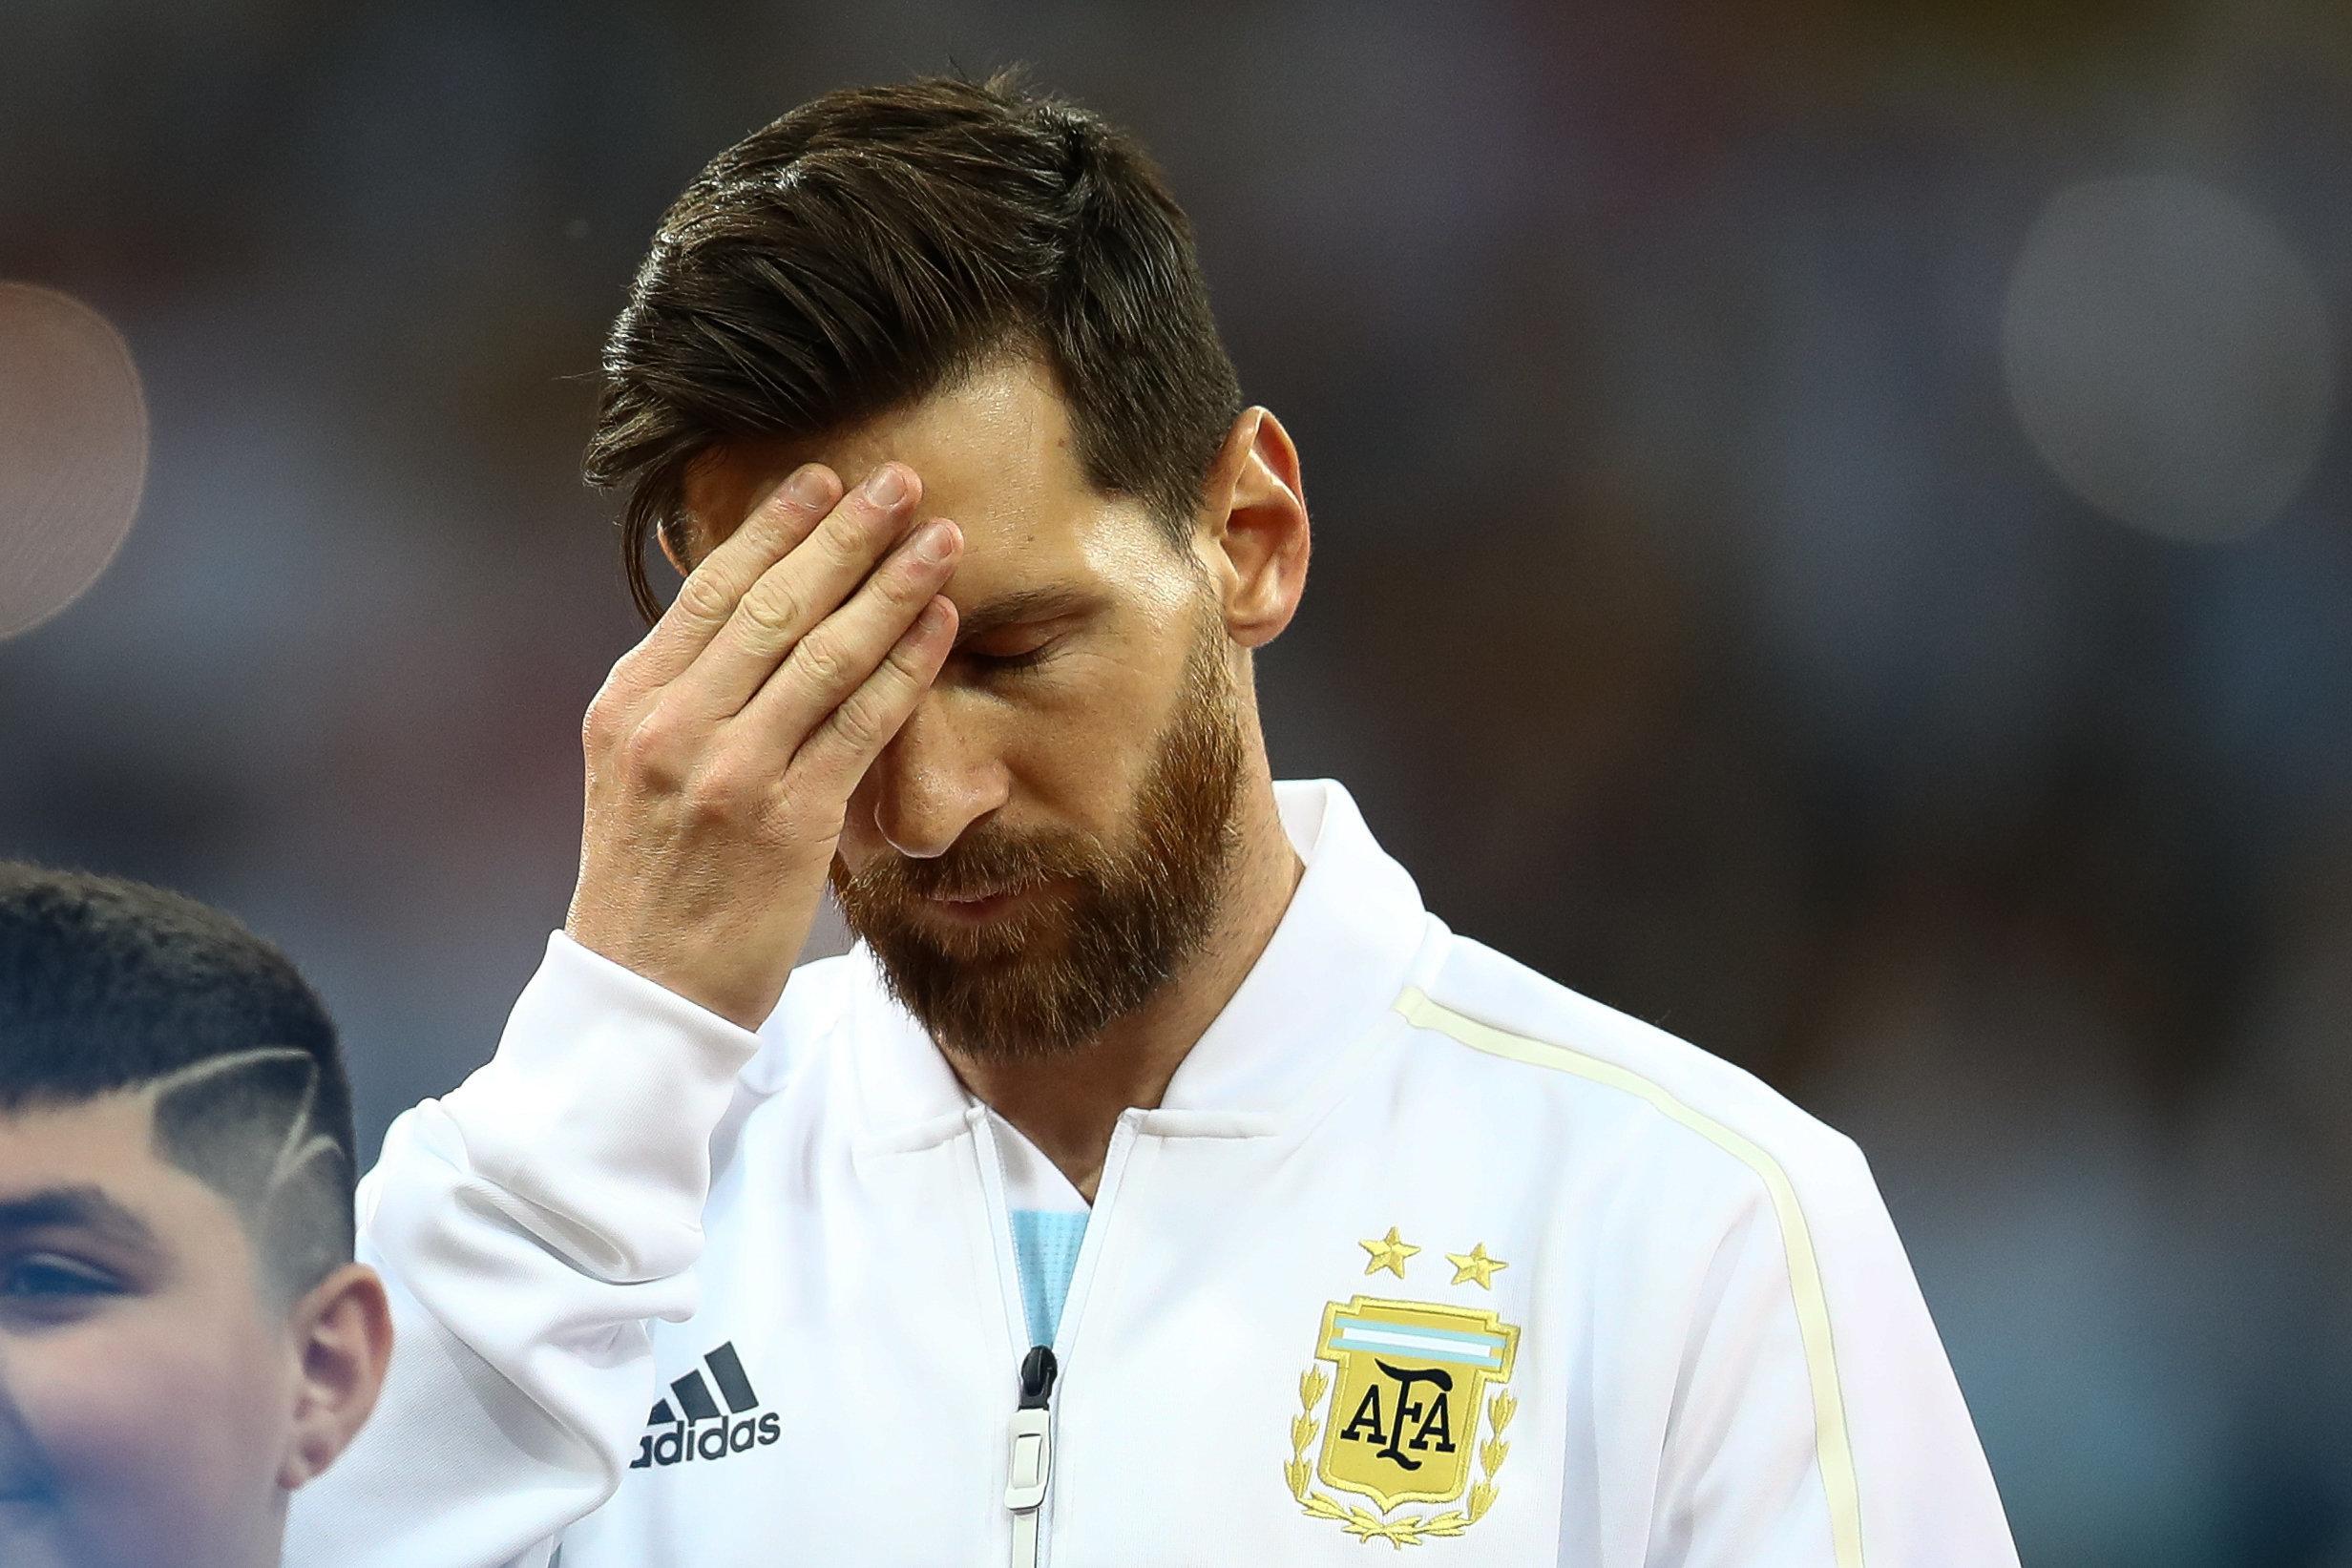 아르헨티나의 패배에 충격받은 메시 팬이 유서를 남기고